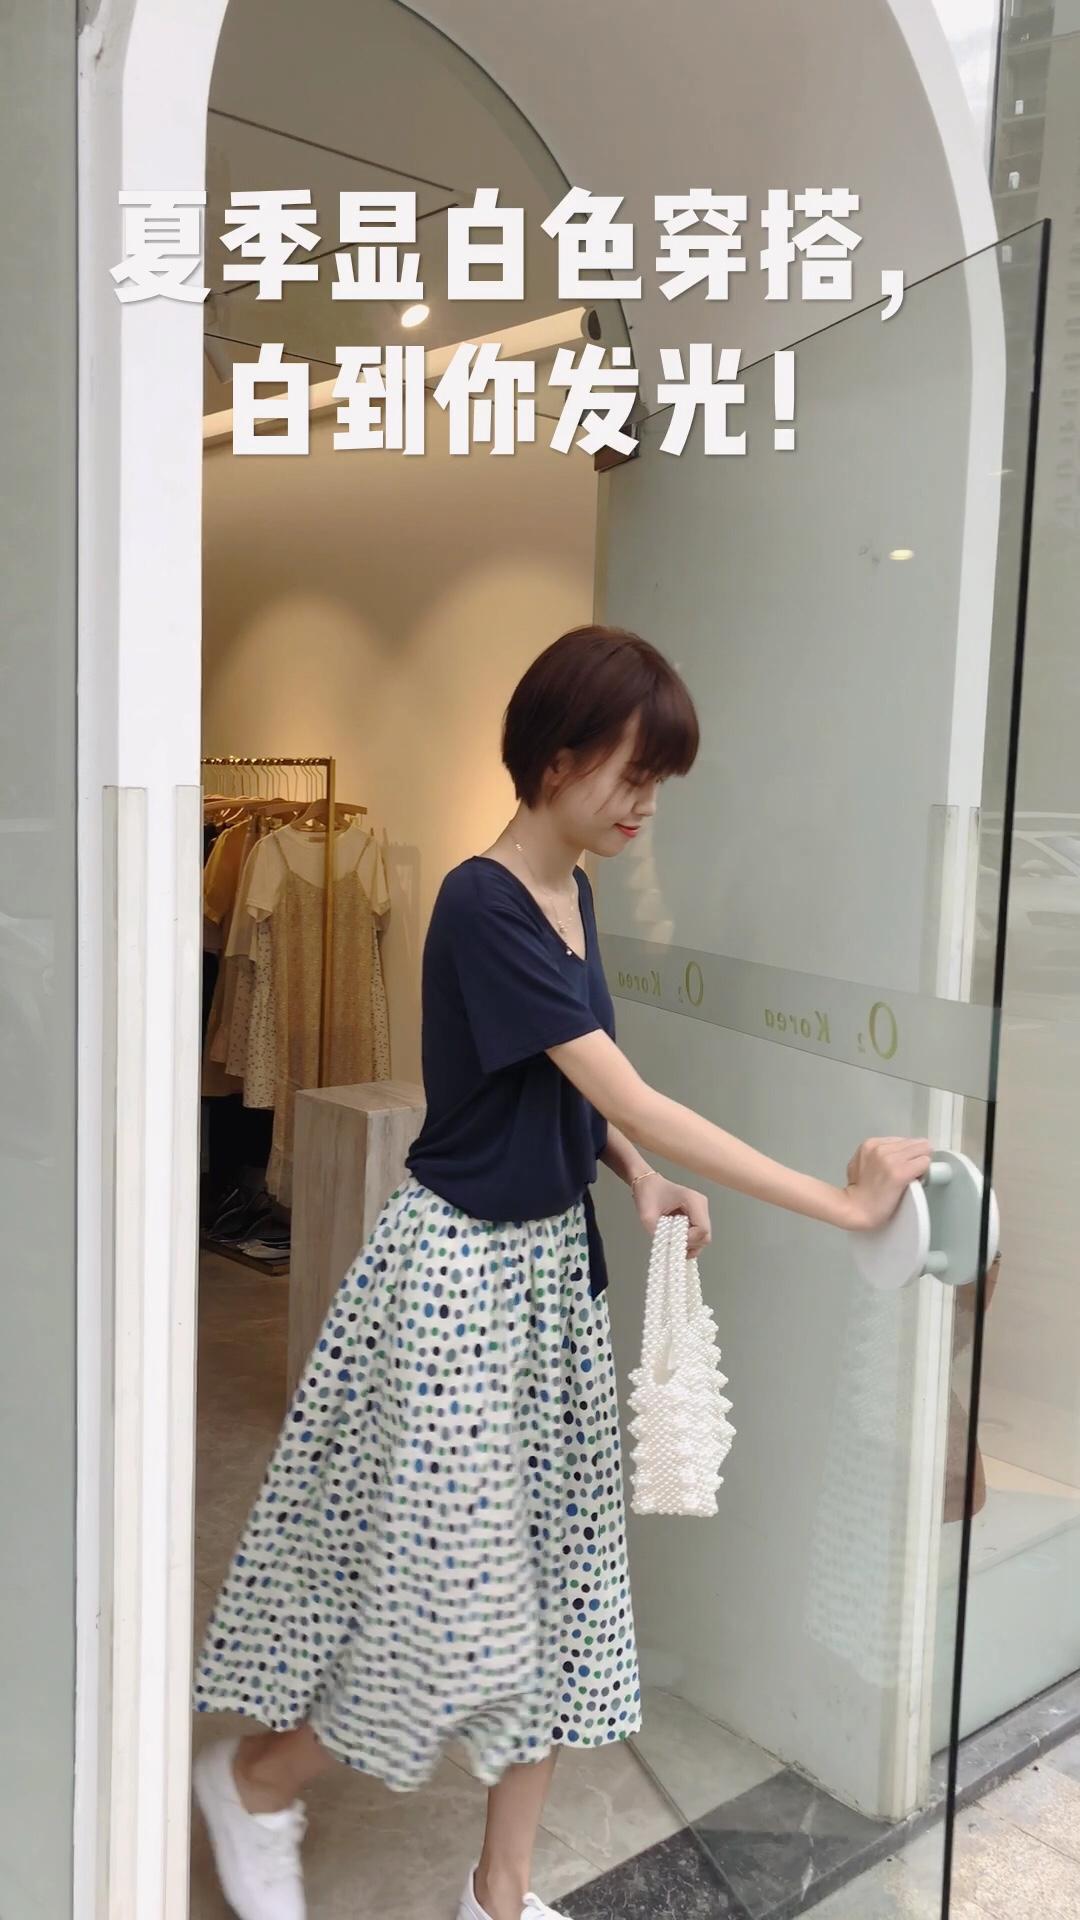 #夏季显白色穿搭,白到你反光!# 这个属于蓝多一点的灰蓝 深蓝灰 也是很高级的感觉😛 超级显白 怎么搭配都好看呢 我搭配了半裙 夏天觉得不想露腿的 穿这条 很文艺很有范 瞬间韩系小姐姐🤩